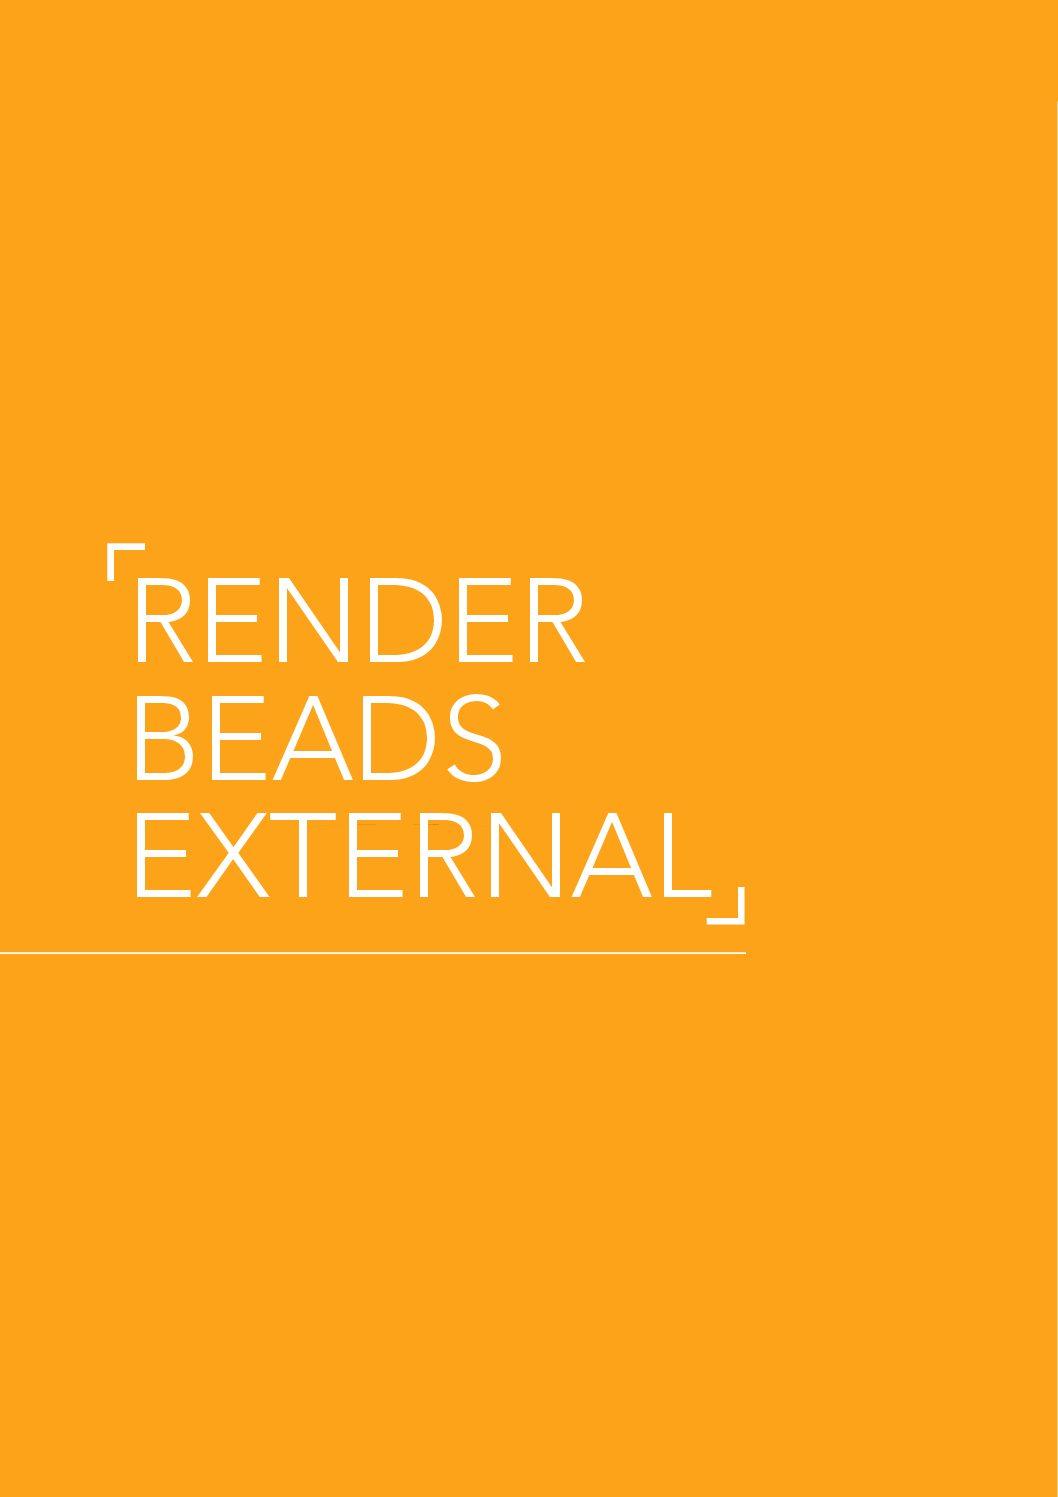 Render Beads External